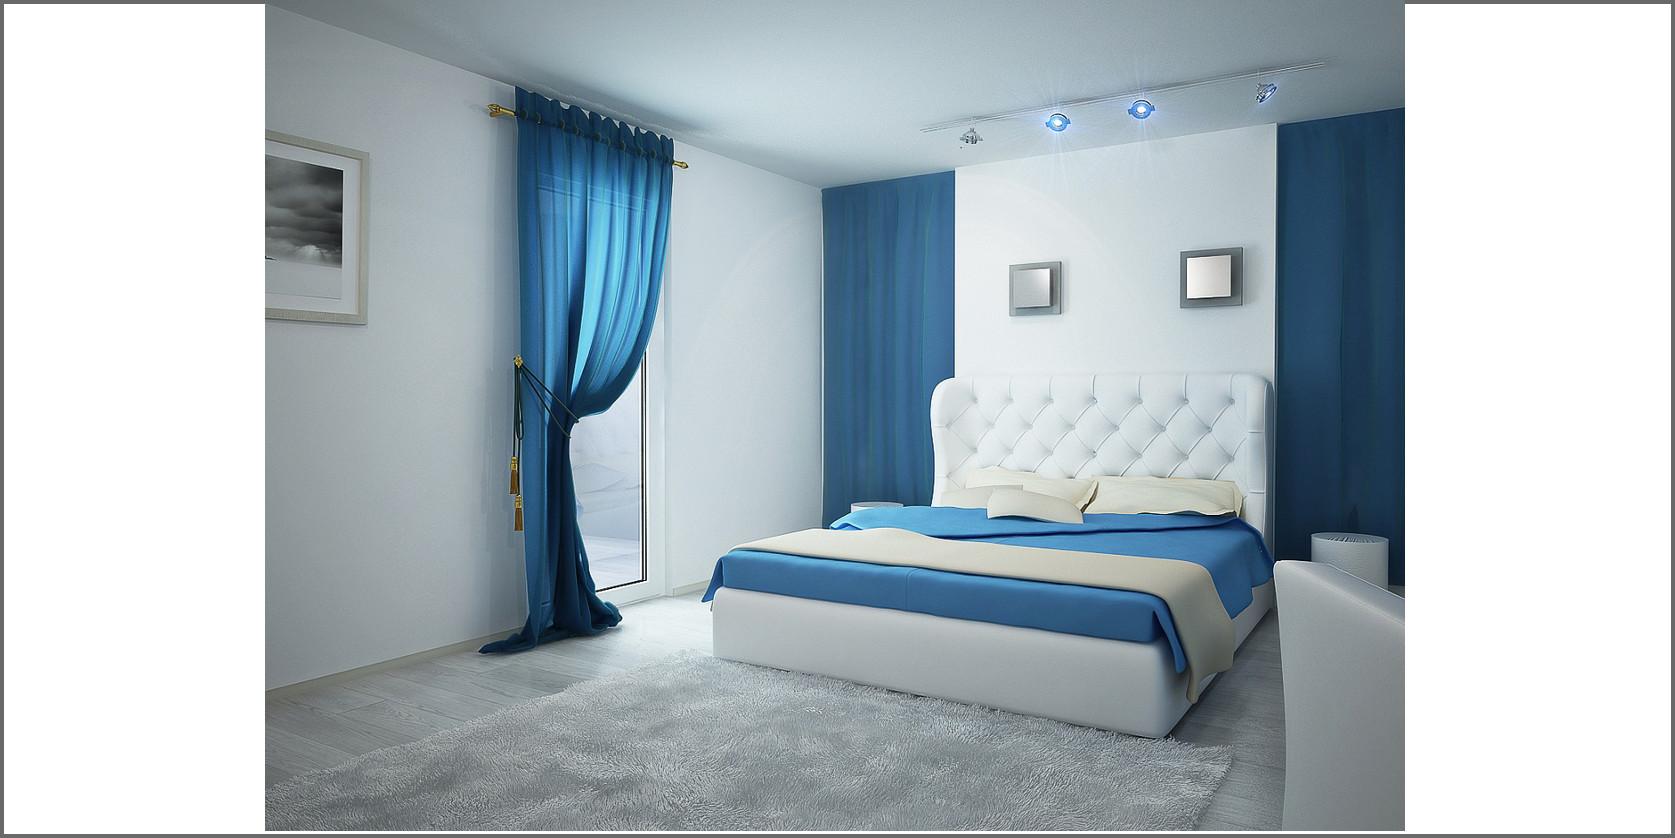 camera da letto con dettagli di colore blu